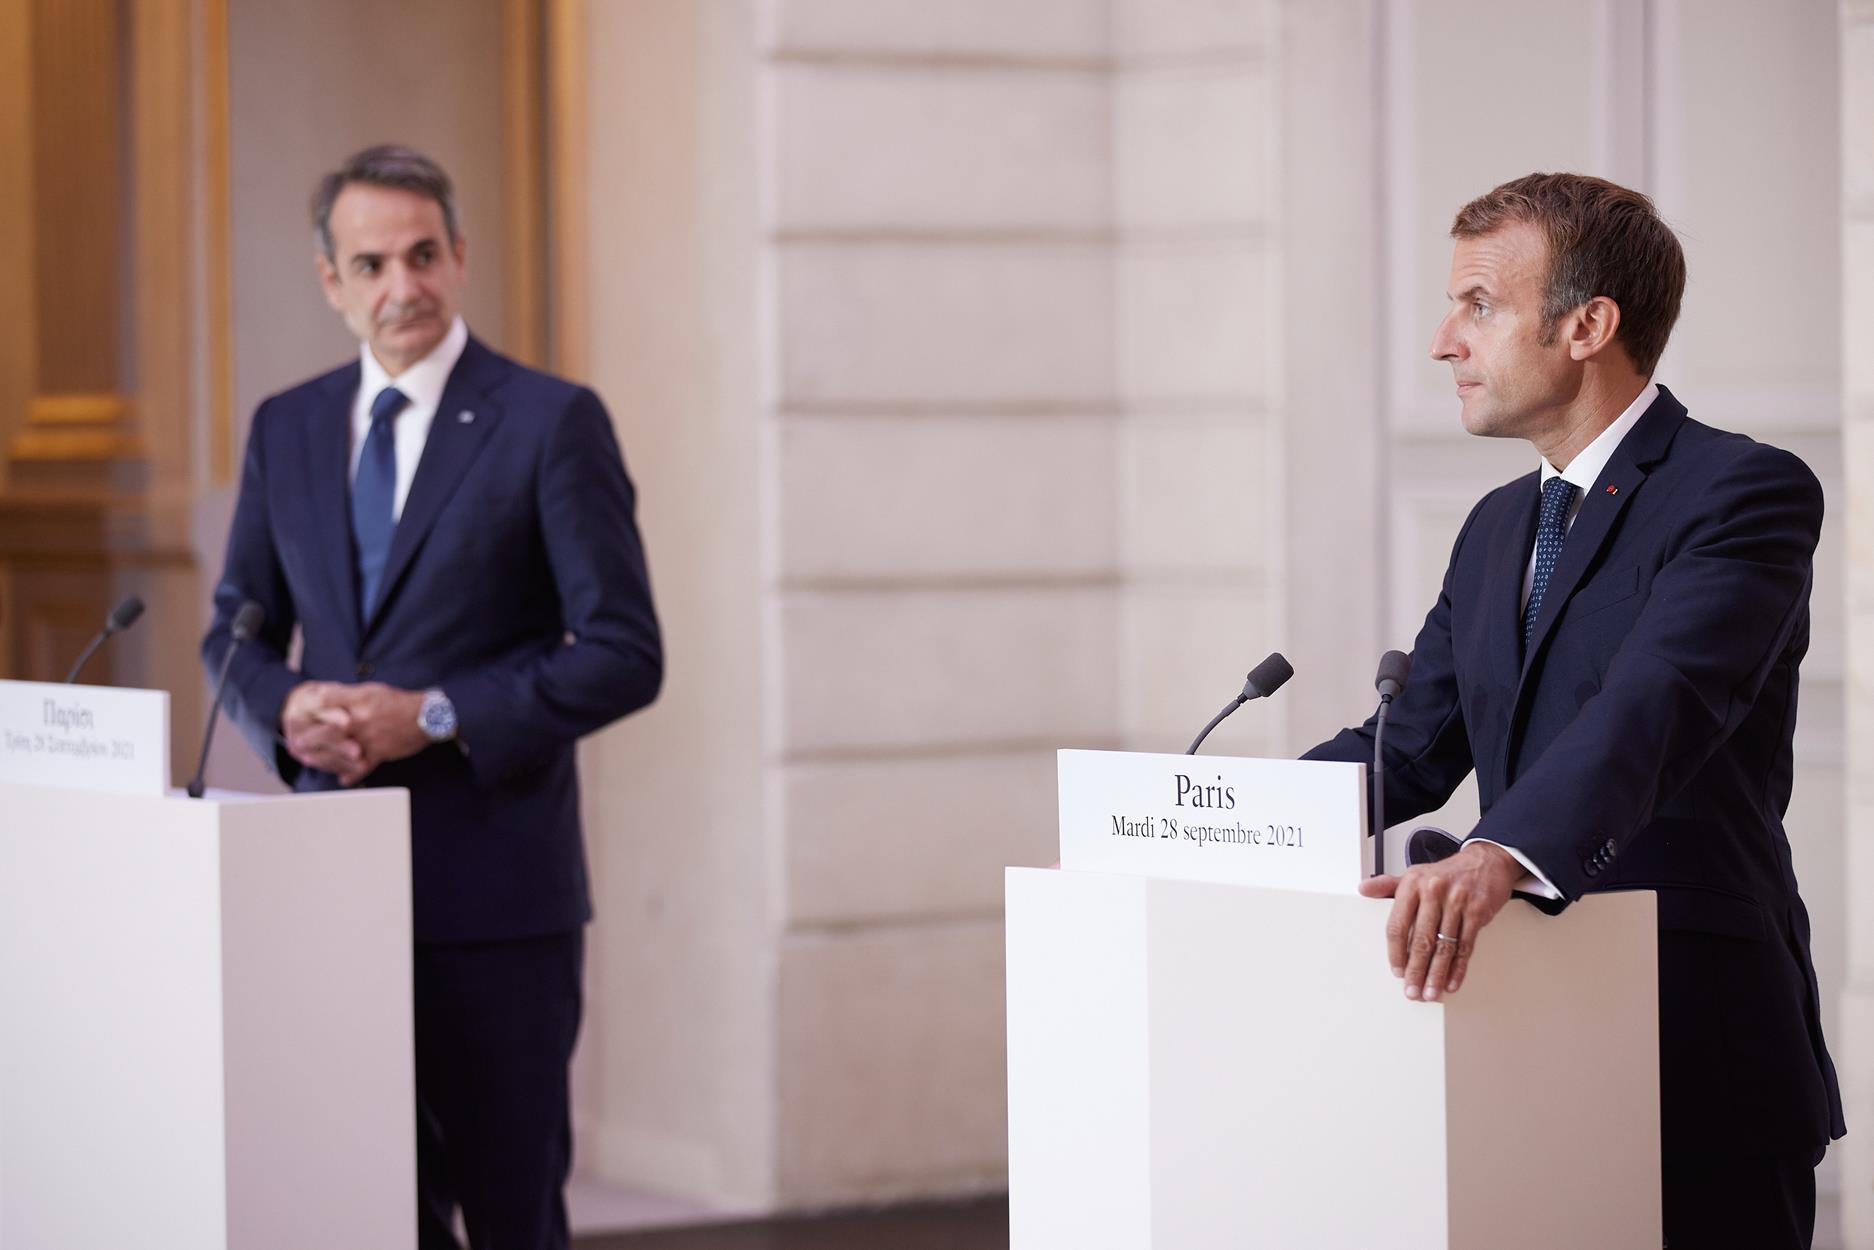 Αμυντική συμφωνία Ελλάδας - Γαλλίας